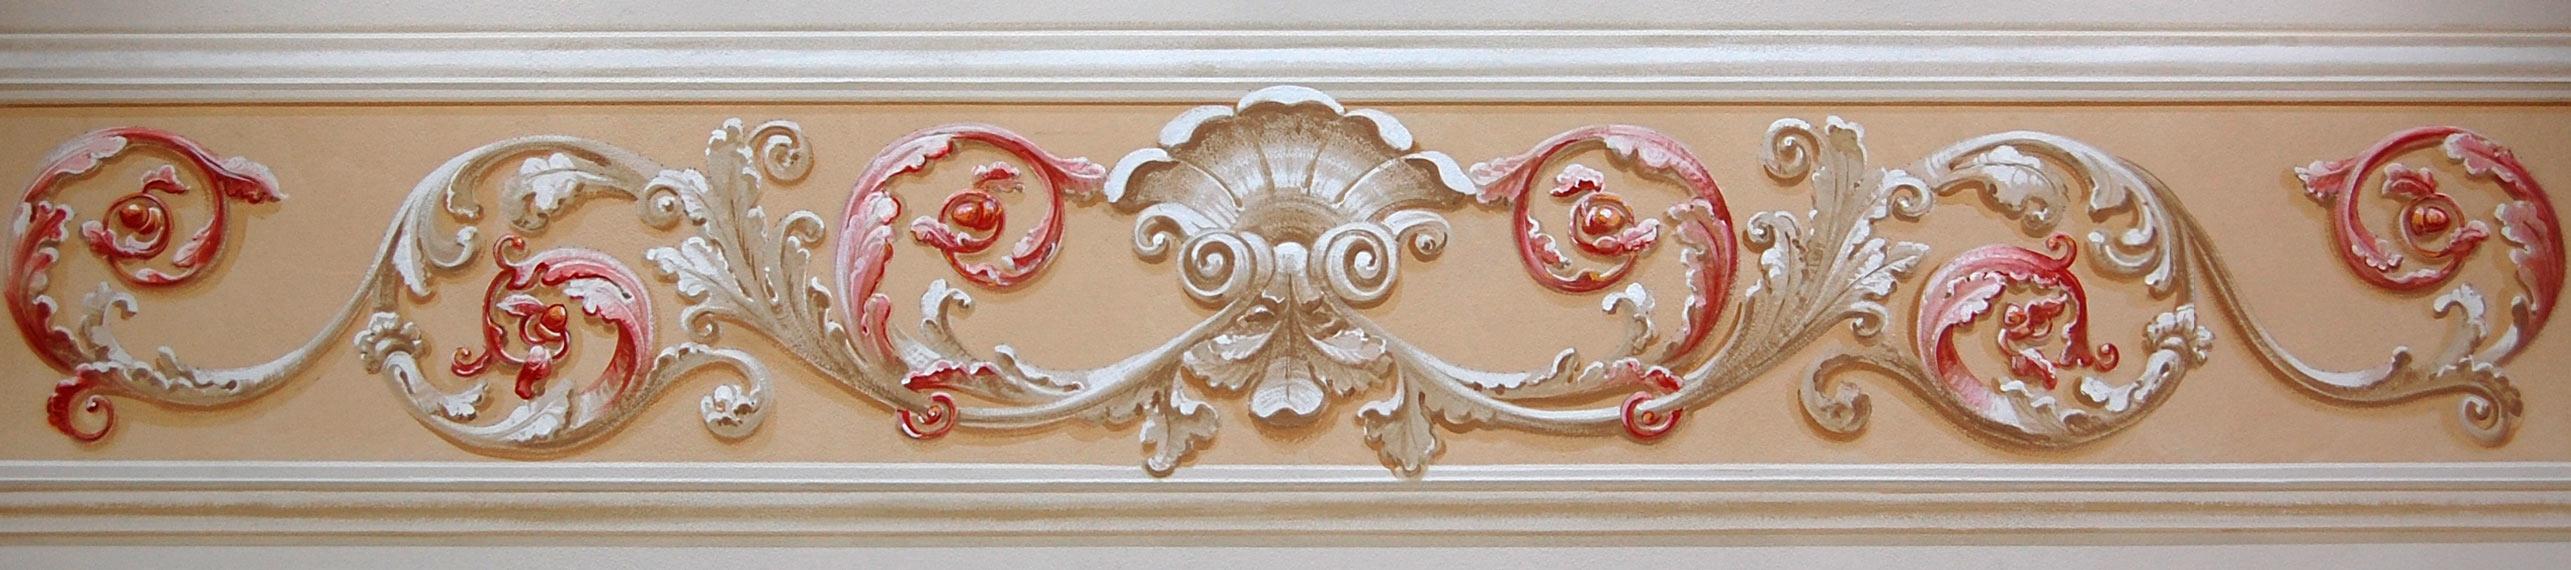 El pit r decorazioni tinteggiature e decorazioni - Decorazioni pittoriche ...